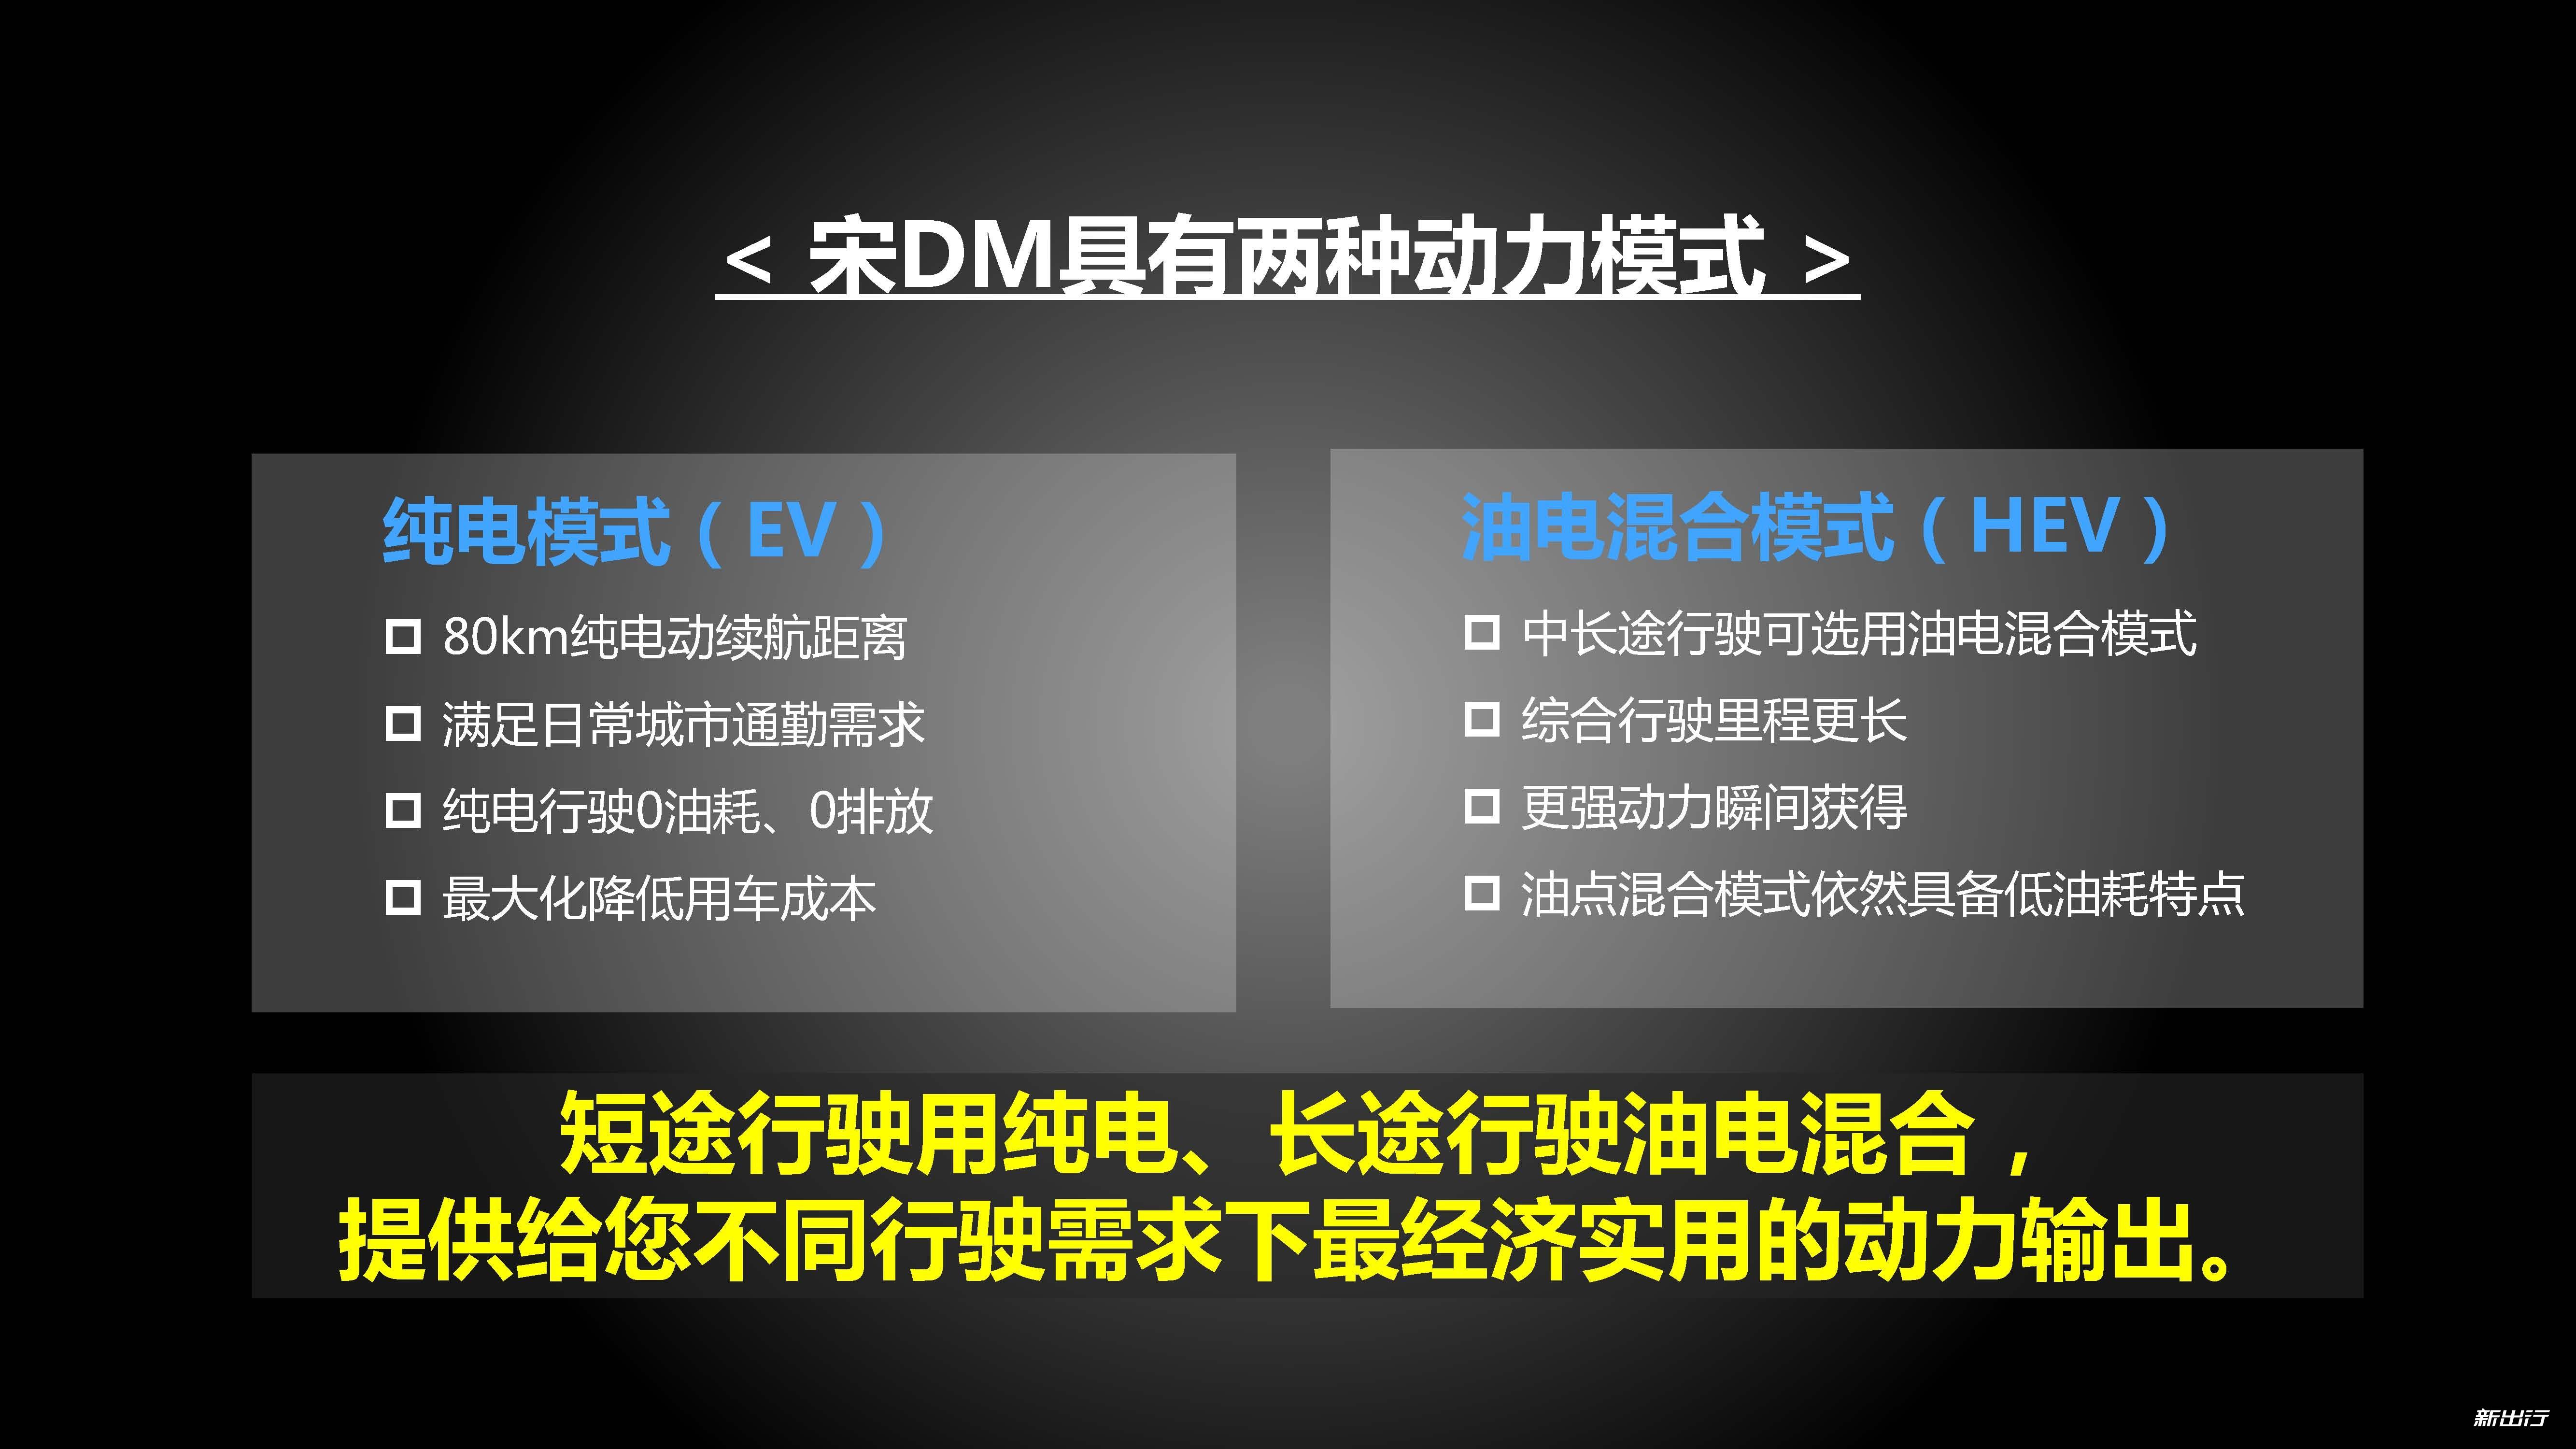 宋DM媒体试驾产品讲解PPT(媒体)_页面_16.jpg